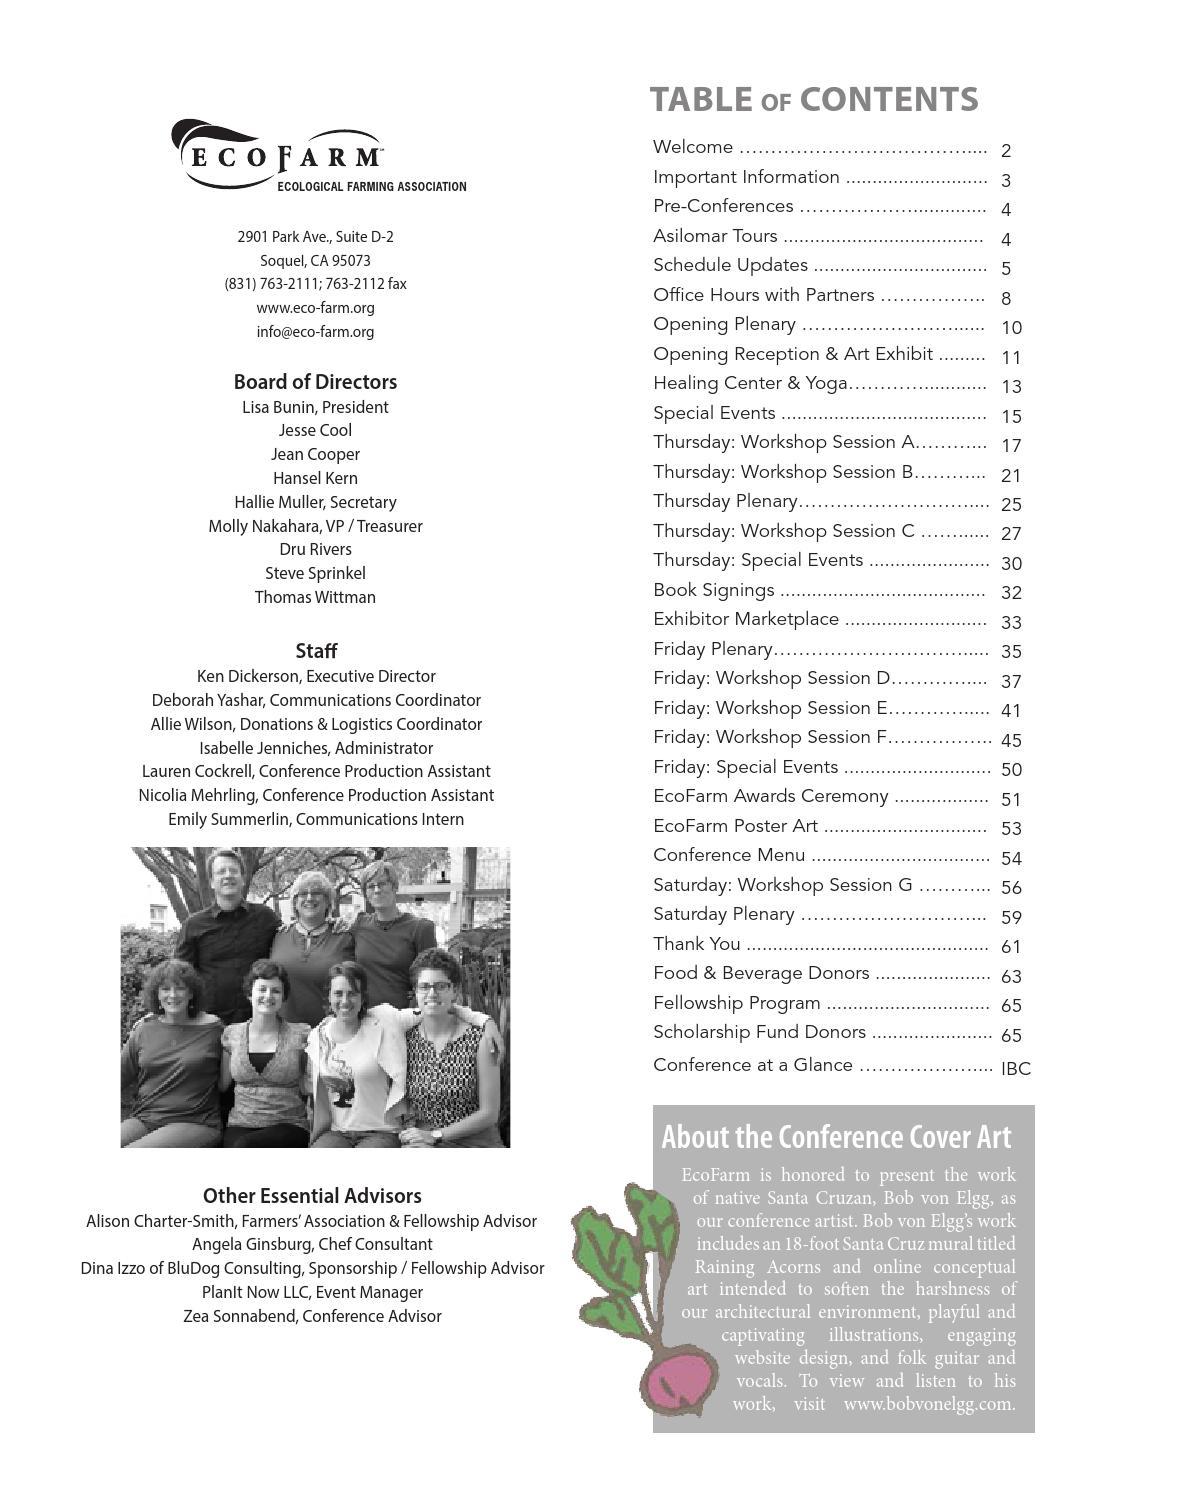 2015 Conference Agenda by EcoFarm - issuu